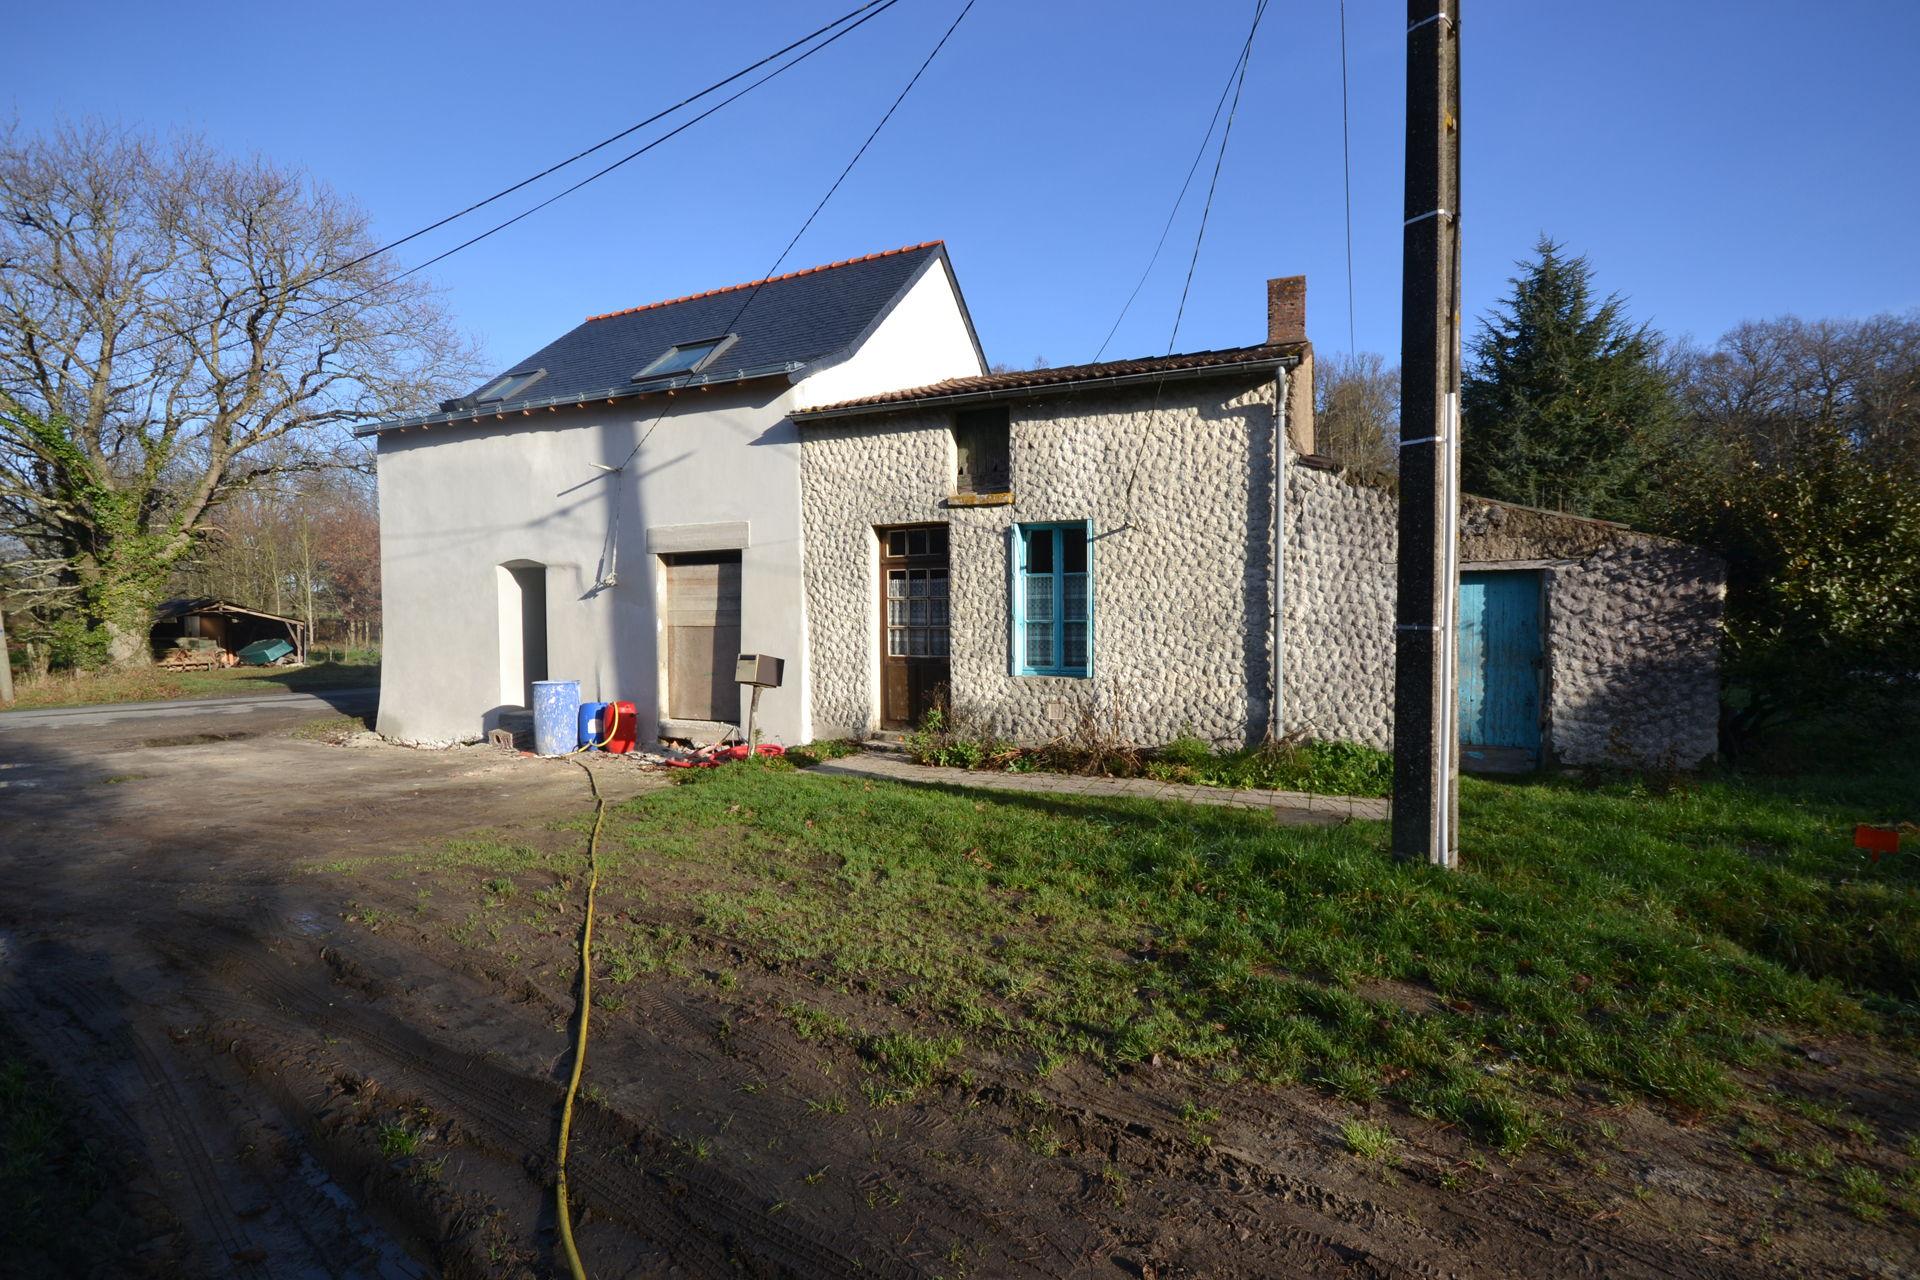 extension et renovation carquefou 44 - Extension et rénovation d'une maison à Carquefou (44)